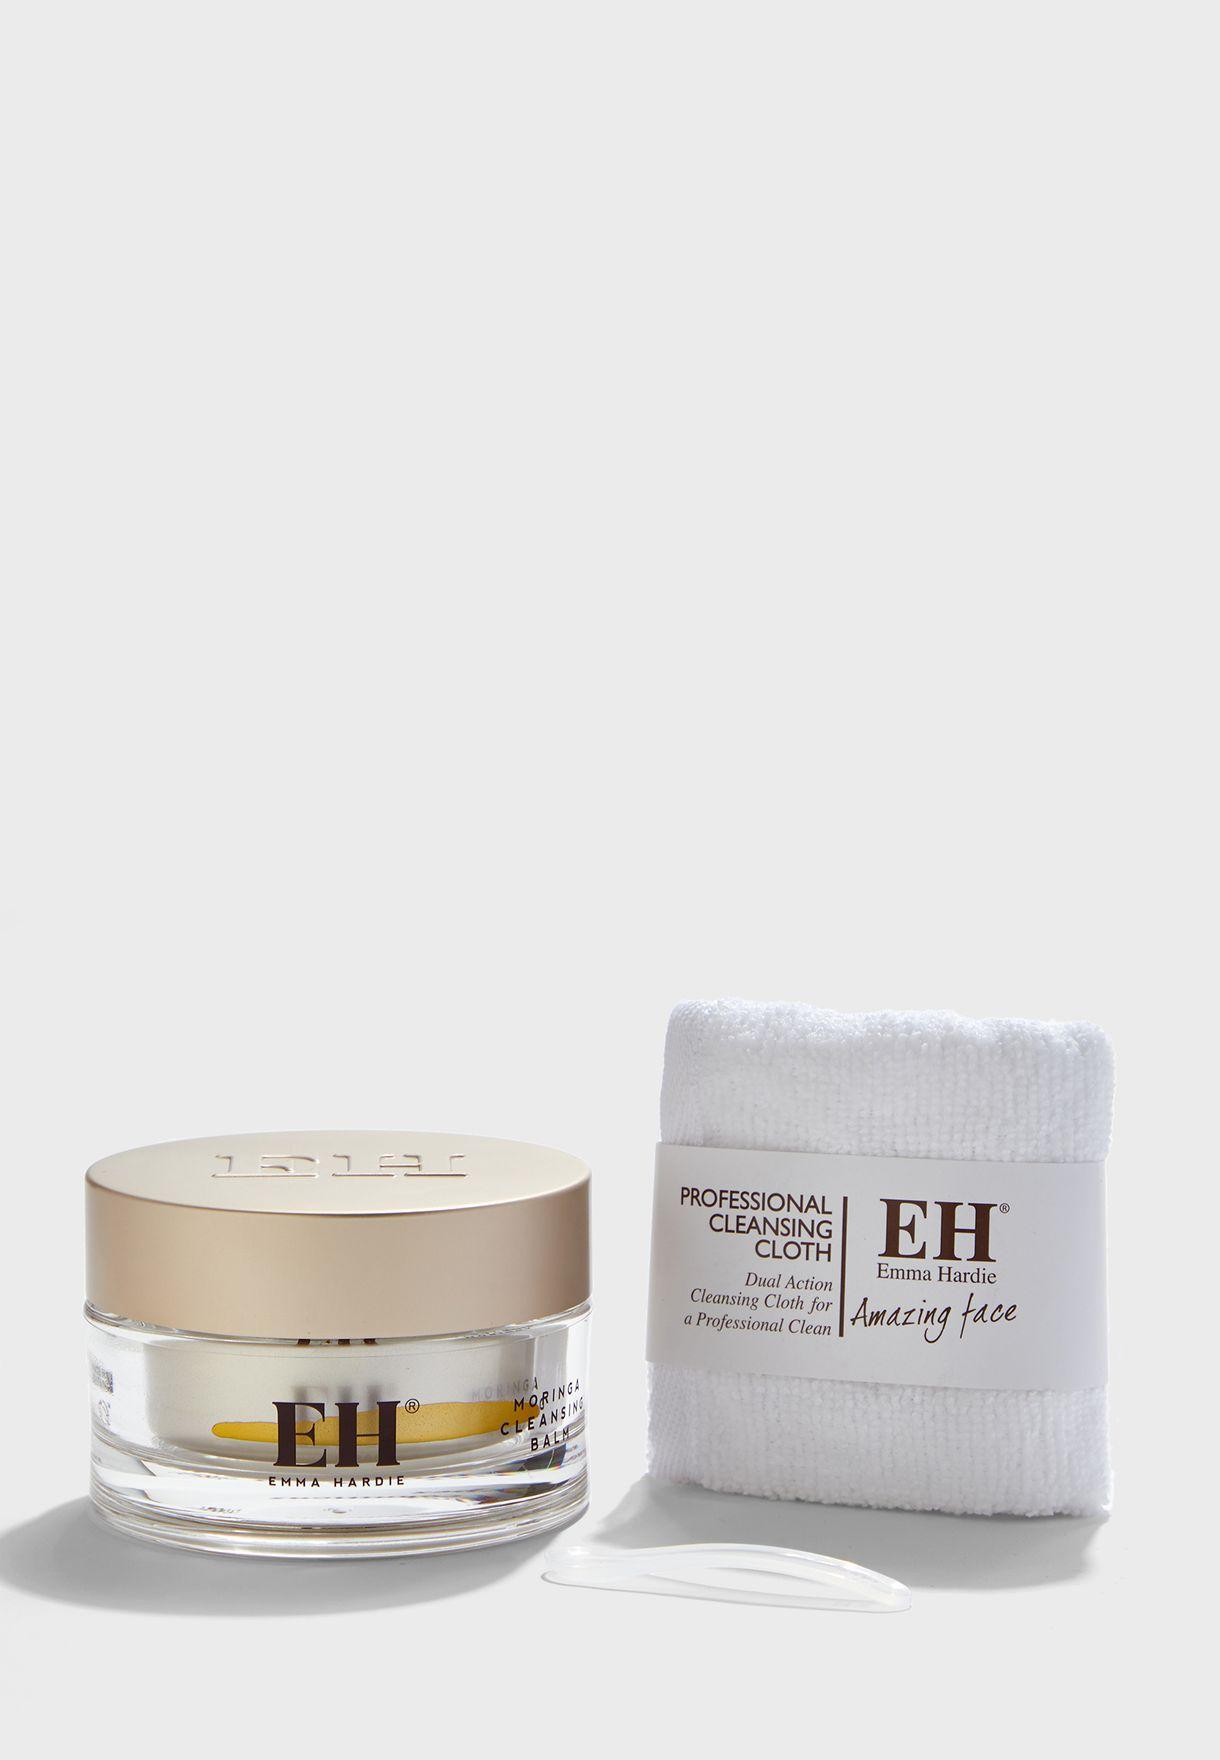 EH 100ml Moringa Balm with cloth